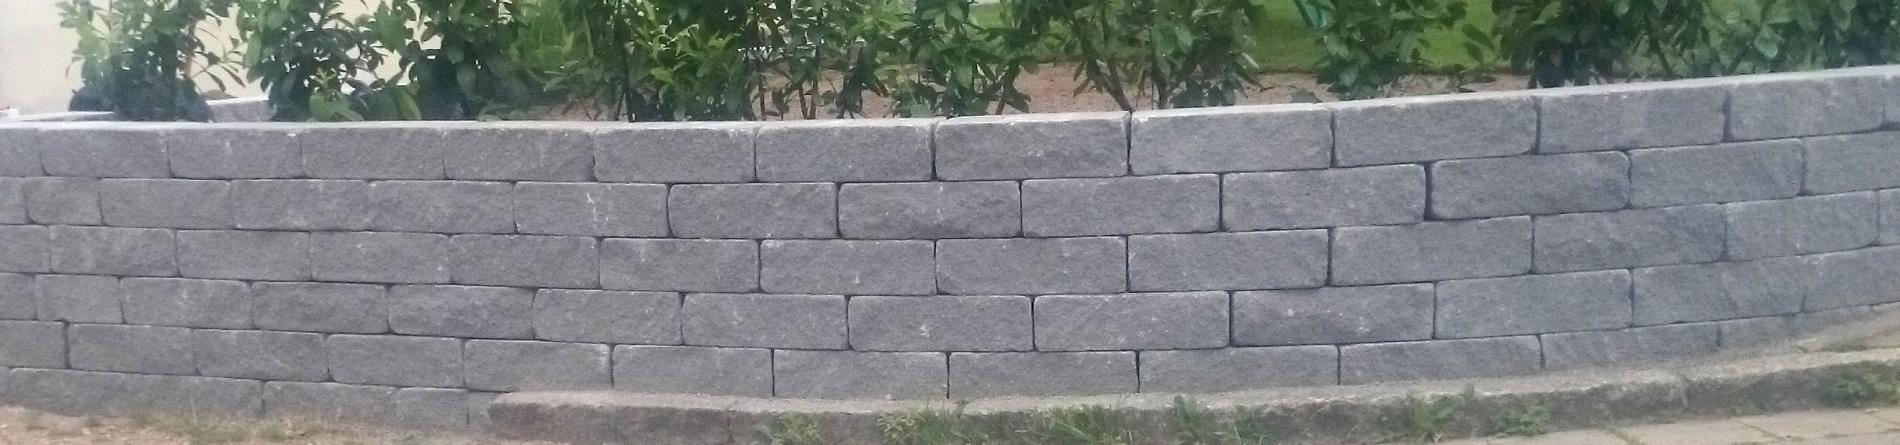 Abgerundete Mauer aus Naturstein